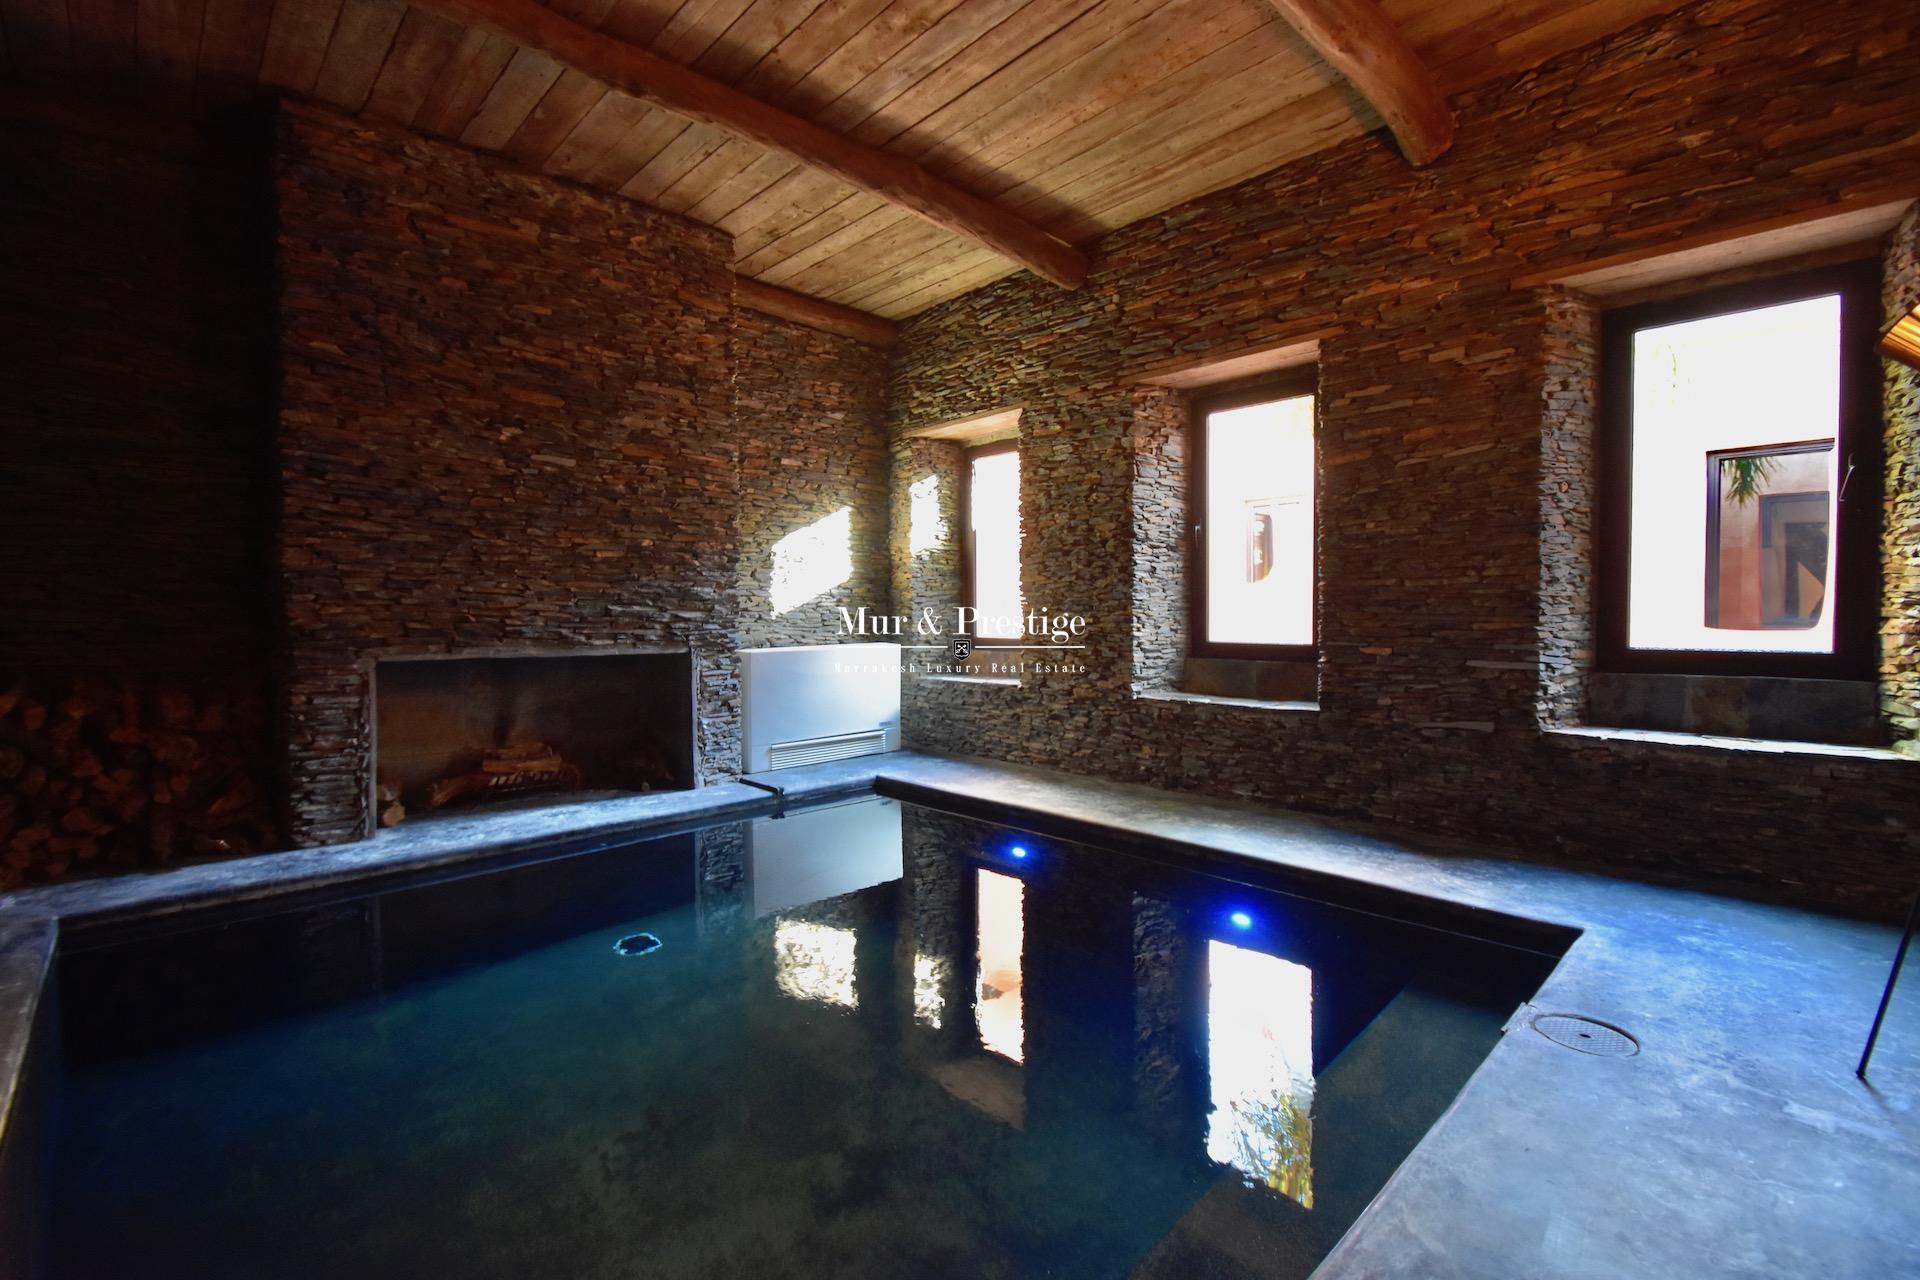 Maison coup de cœur à louer à Marrakech - copie